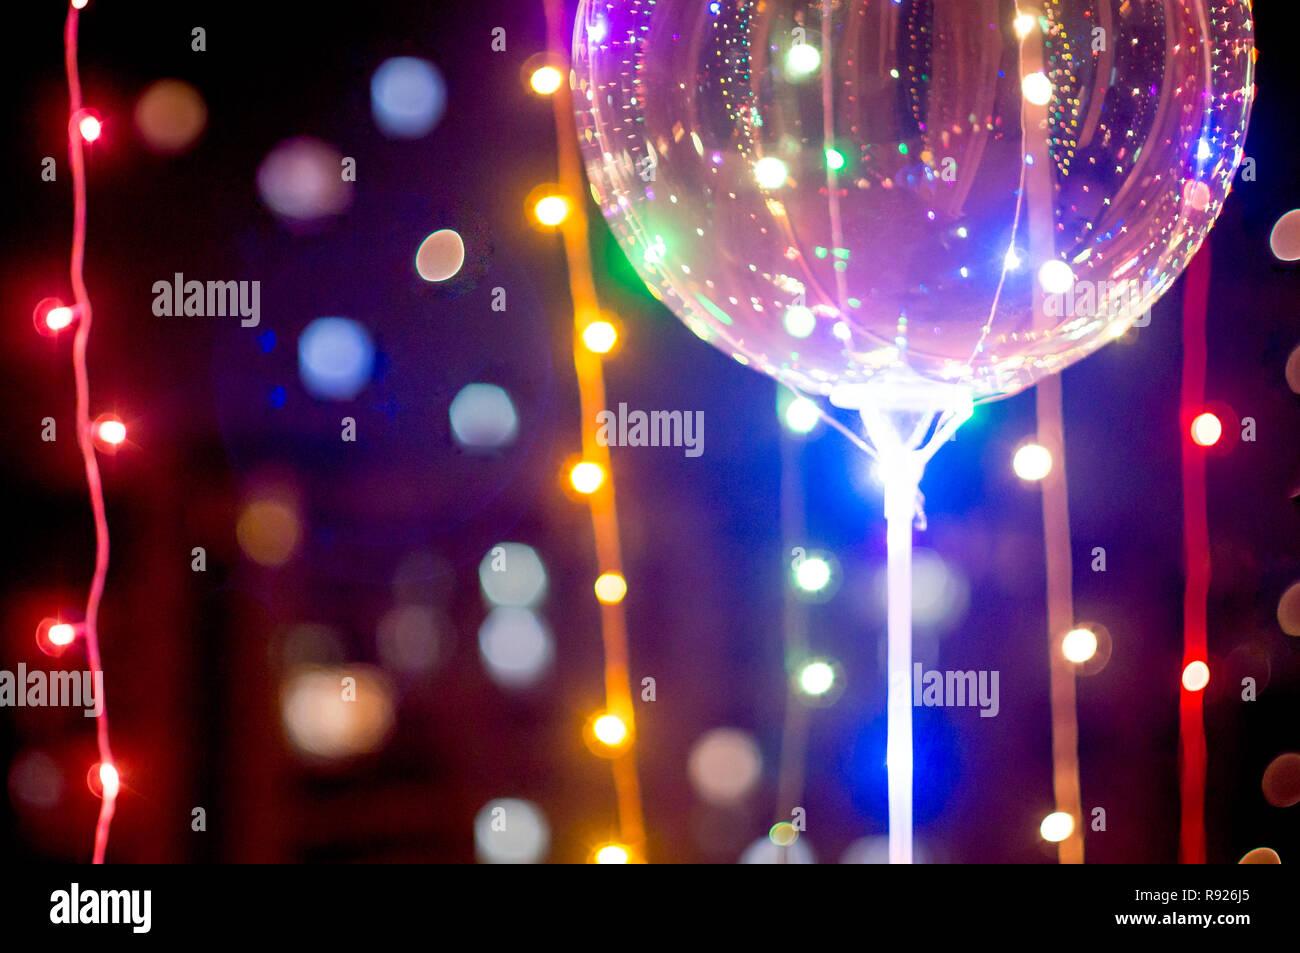 Ballonnen Met Licht : Transparente ballon mit led leuchten mit licht bokeh in backgrou